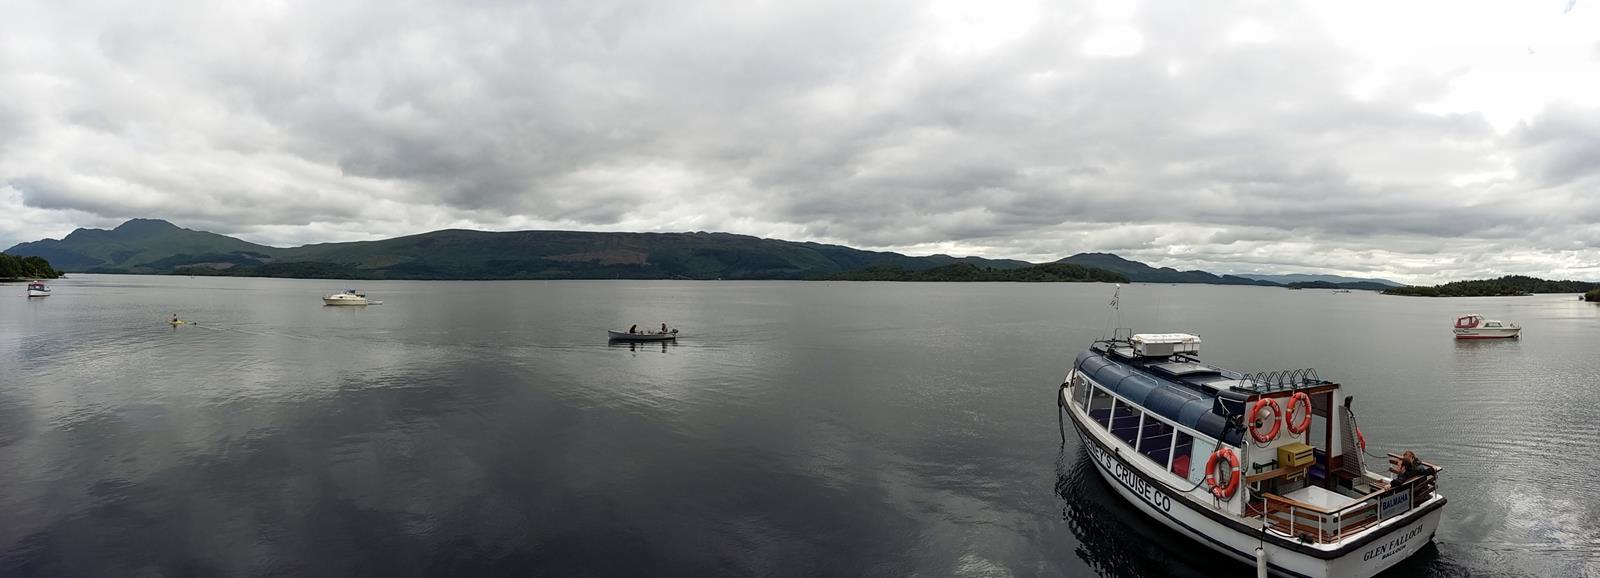 cosa vedere a Loch Lomond